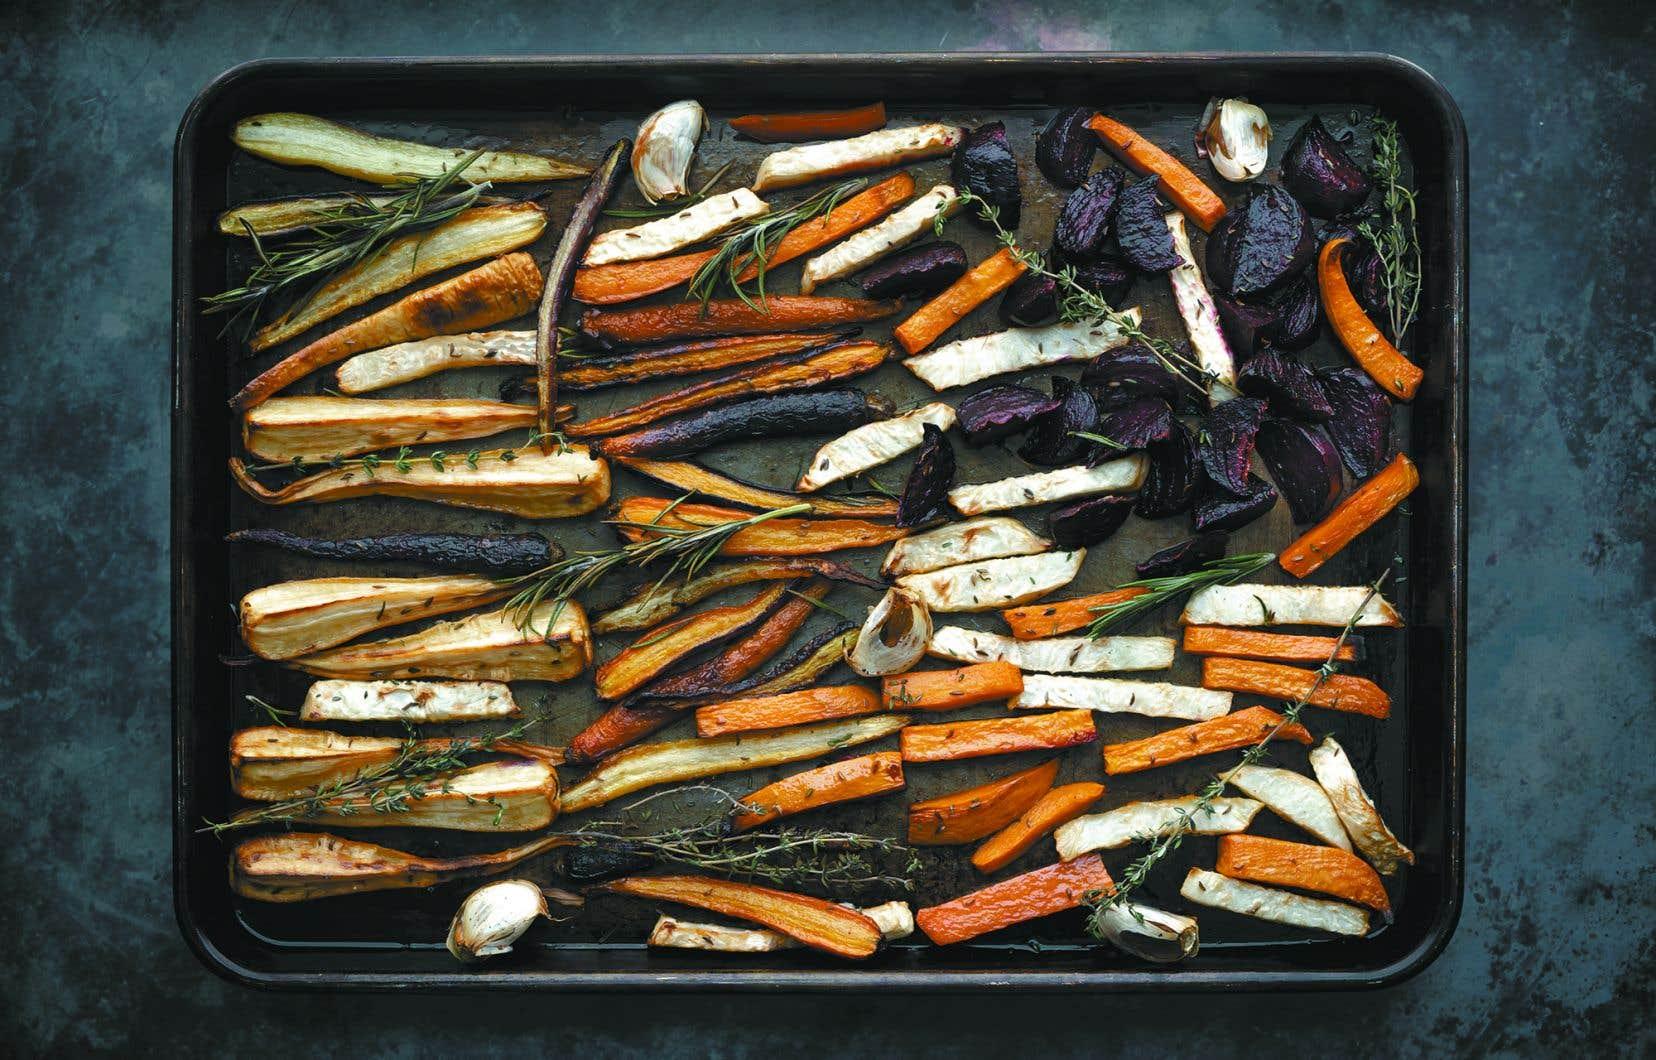 Cette recette de légumes rôtis et caramélisés s'adapte au fil de l'année en remplaçant ou ajoutant des légumes selon vos goûts et les saisons.